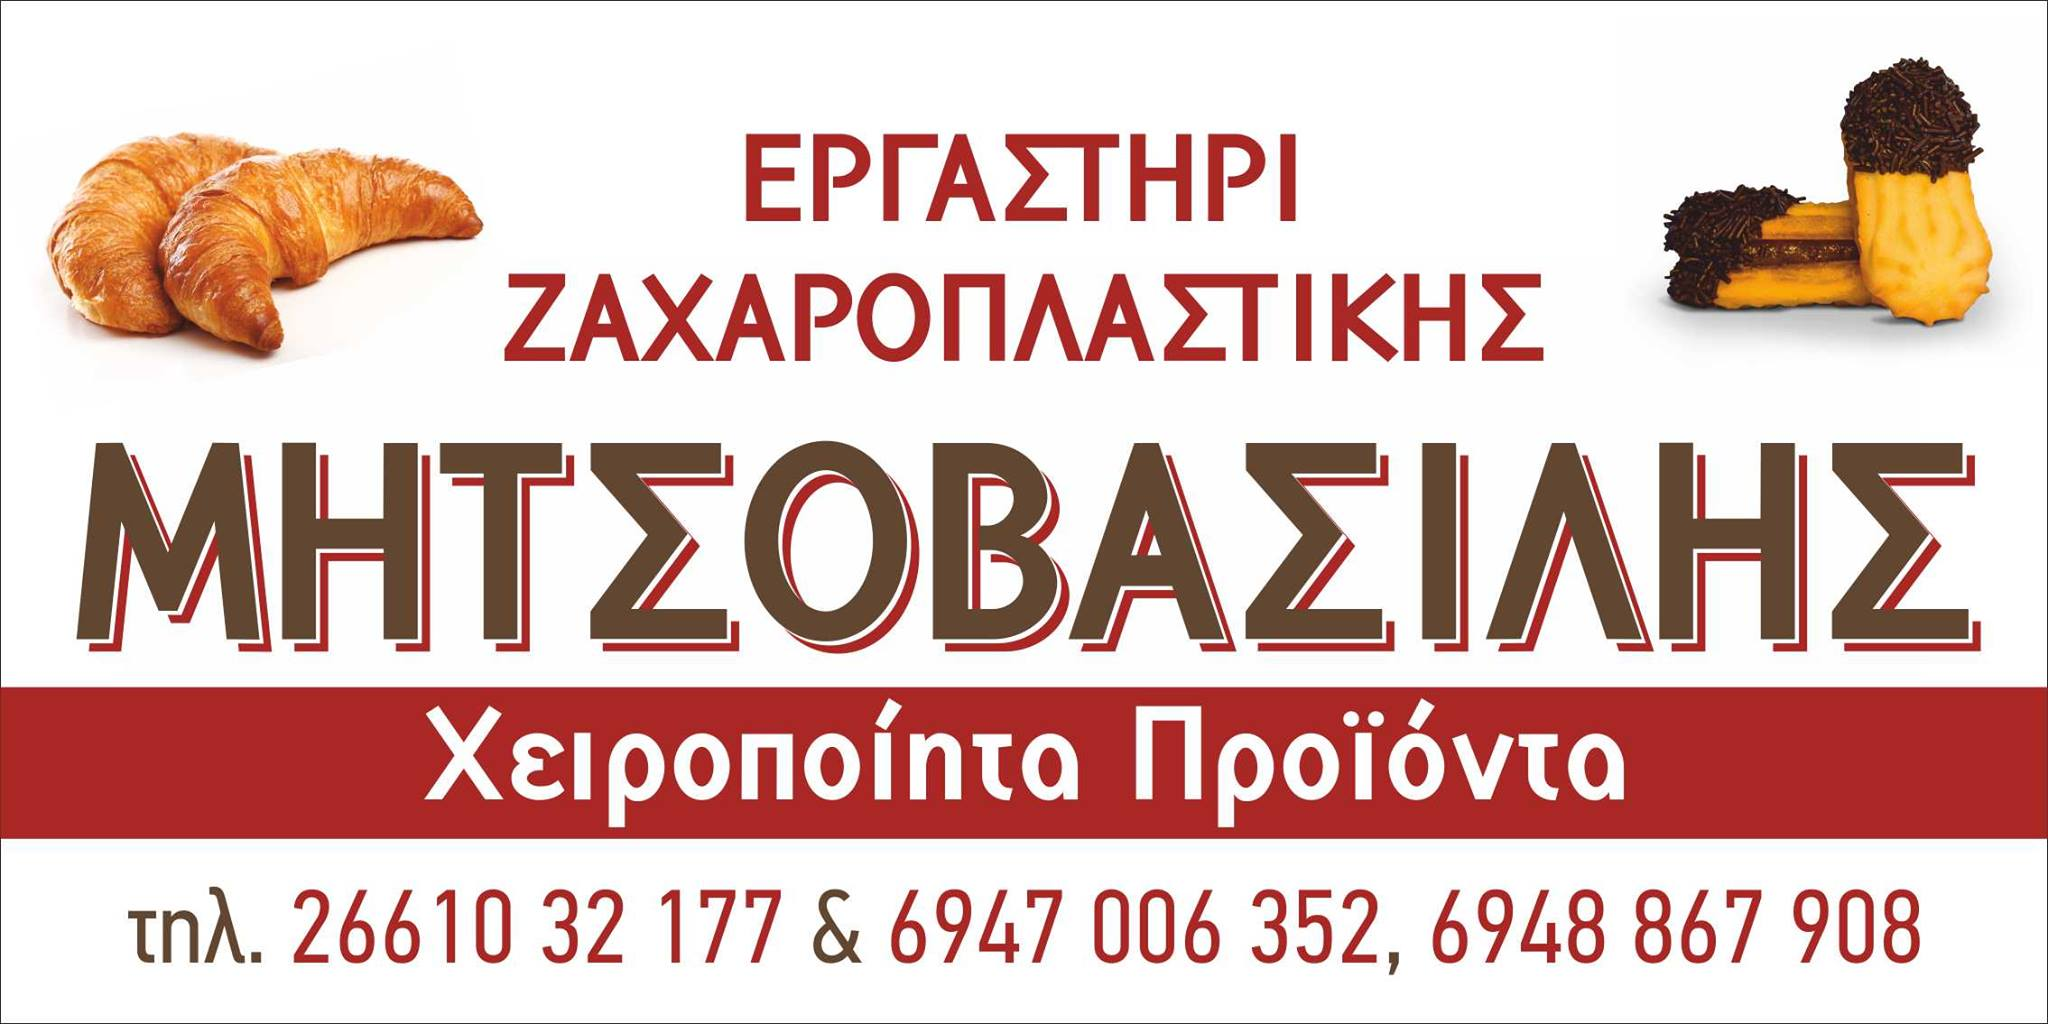 Εργαστήρι Μιτσοβασιλης Κέρκυρα   corfugreece.gr